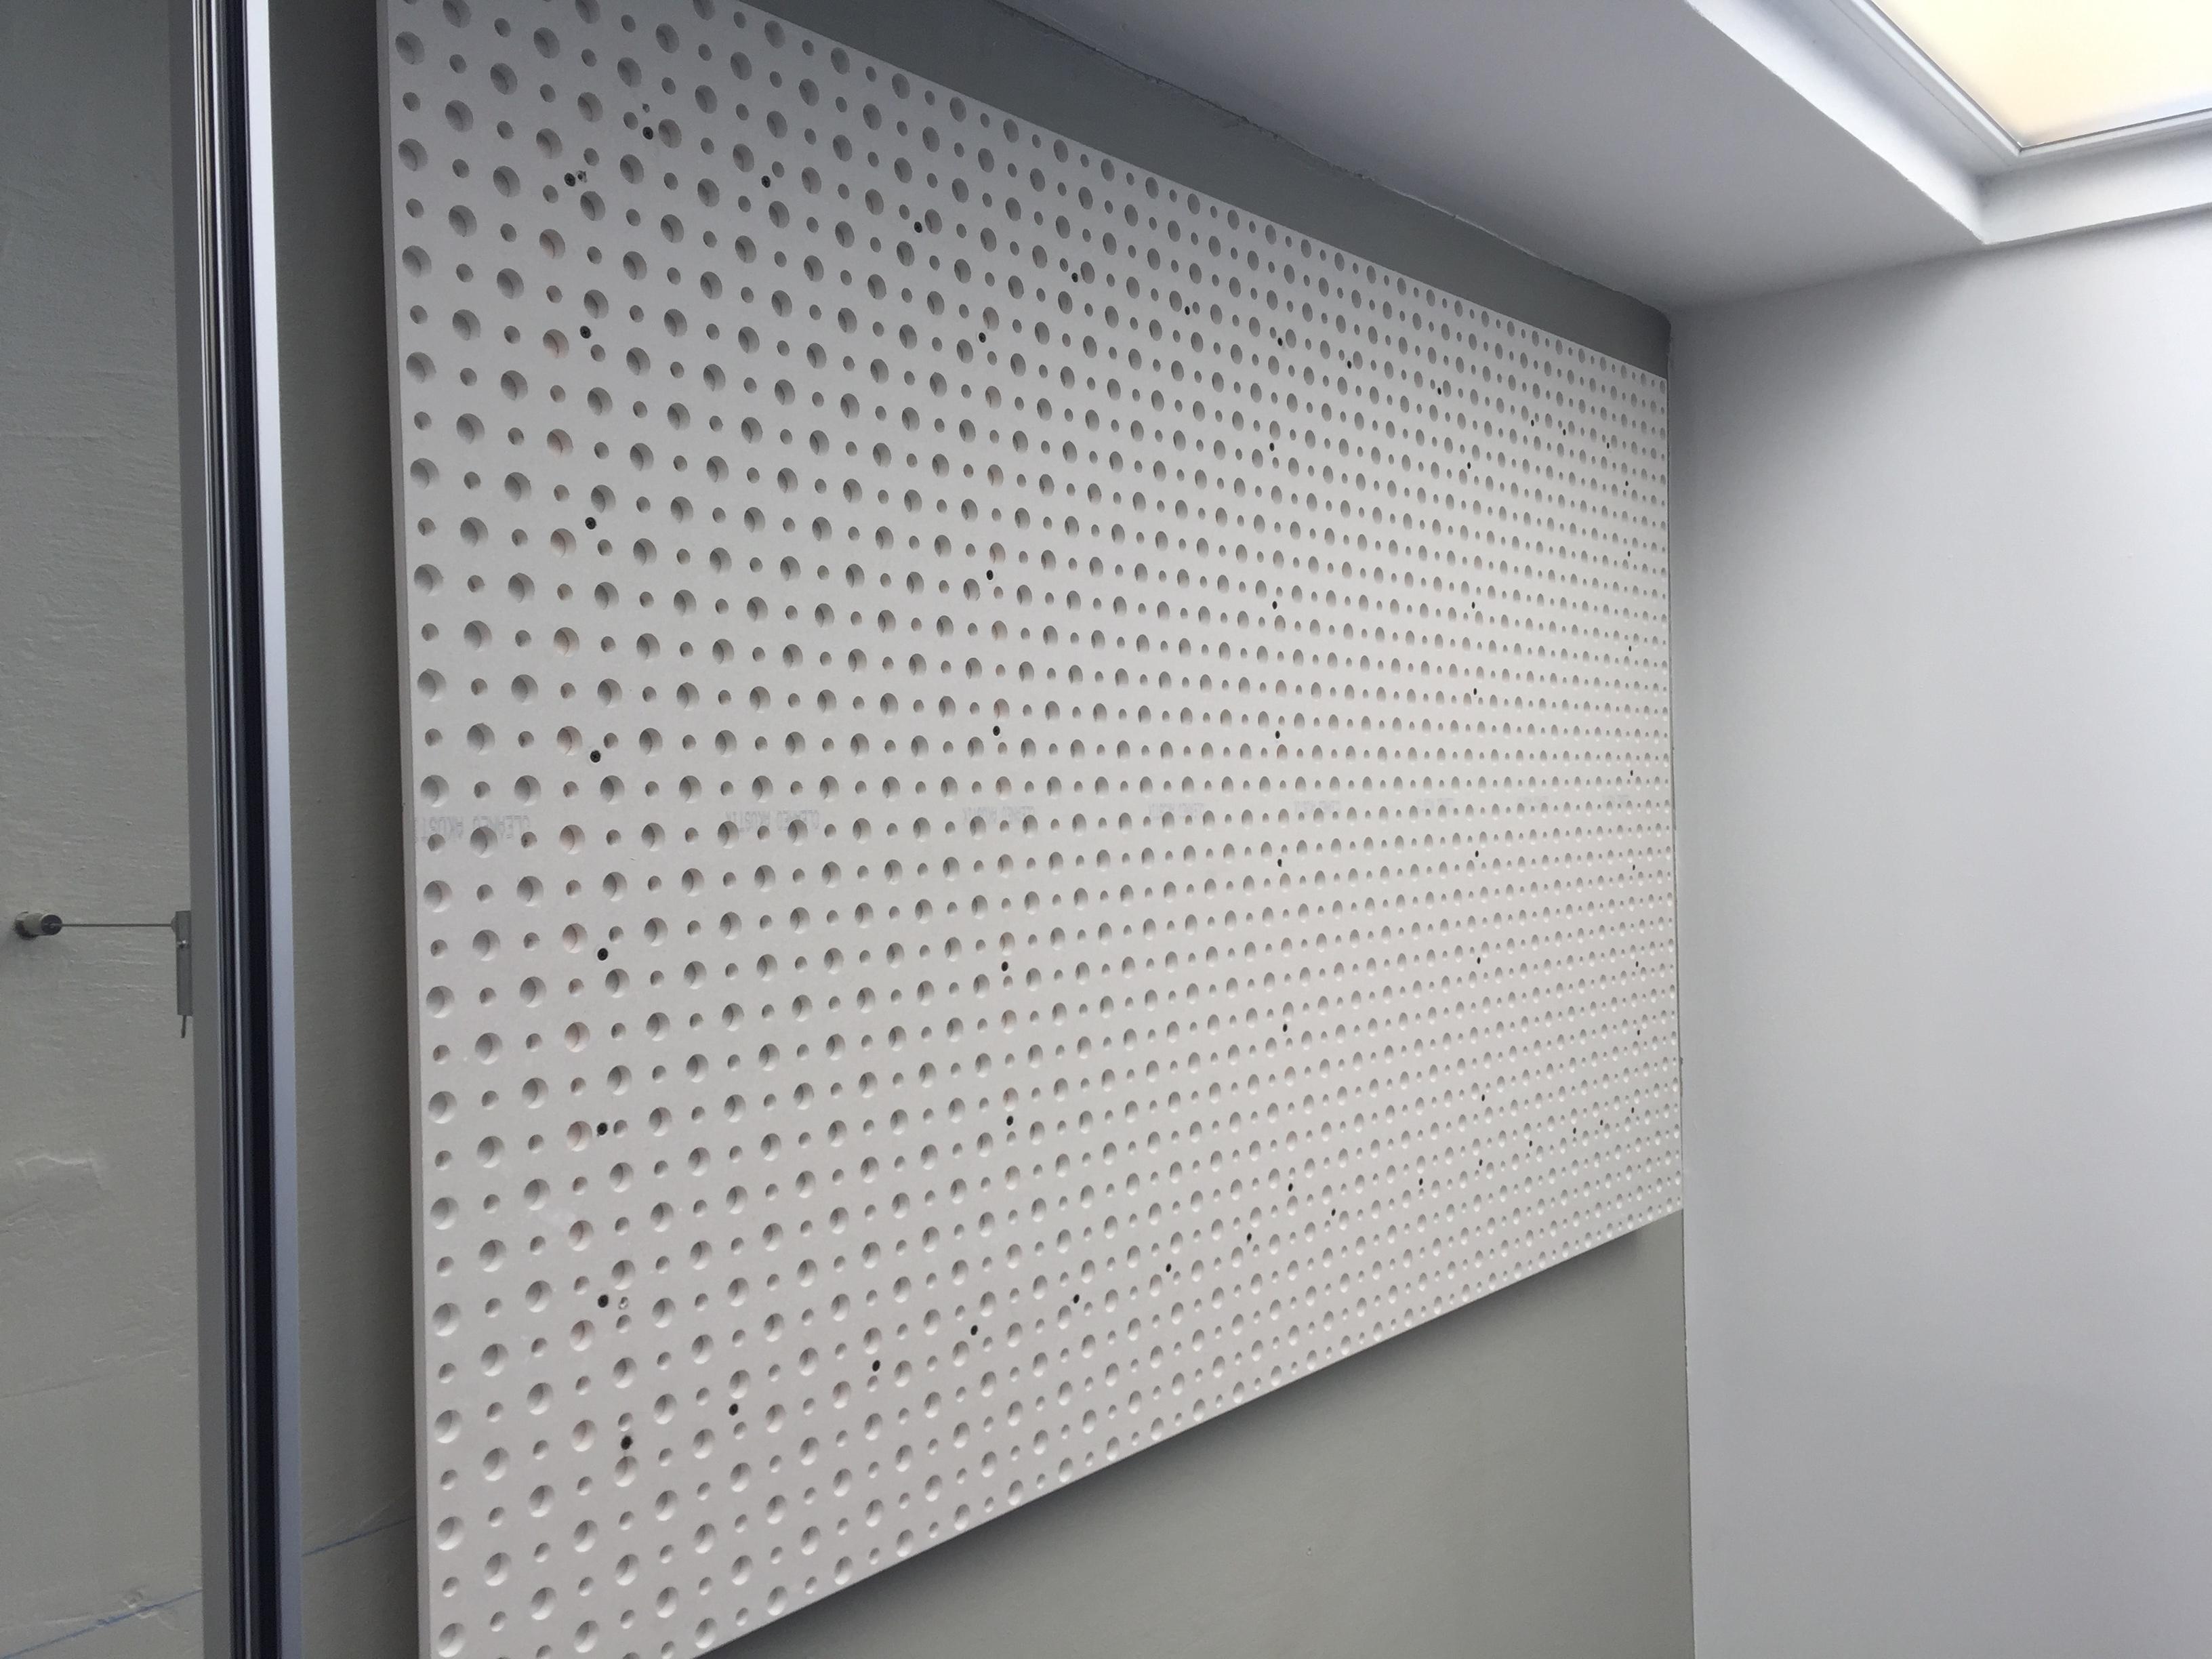 Der Hörraum von B&W wird so mit 20 Akustik-Deckensegeln der Firma Knauf bestückt und mit Mineralwolle bedämpft. Das Ergebnis kann sich bereits hören lassen. Wir freuen uns darauf, wenn B&W und seine Besucher den Raum zum klingen bringt. Bis dahin werkeln wir noch an weiteren akustischen Finessen.